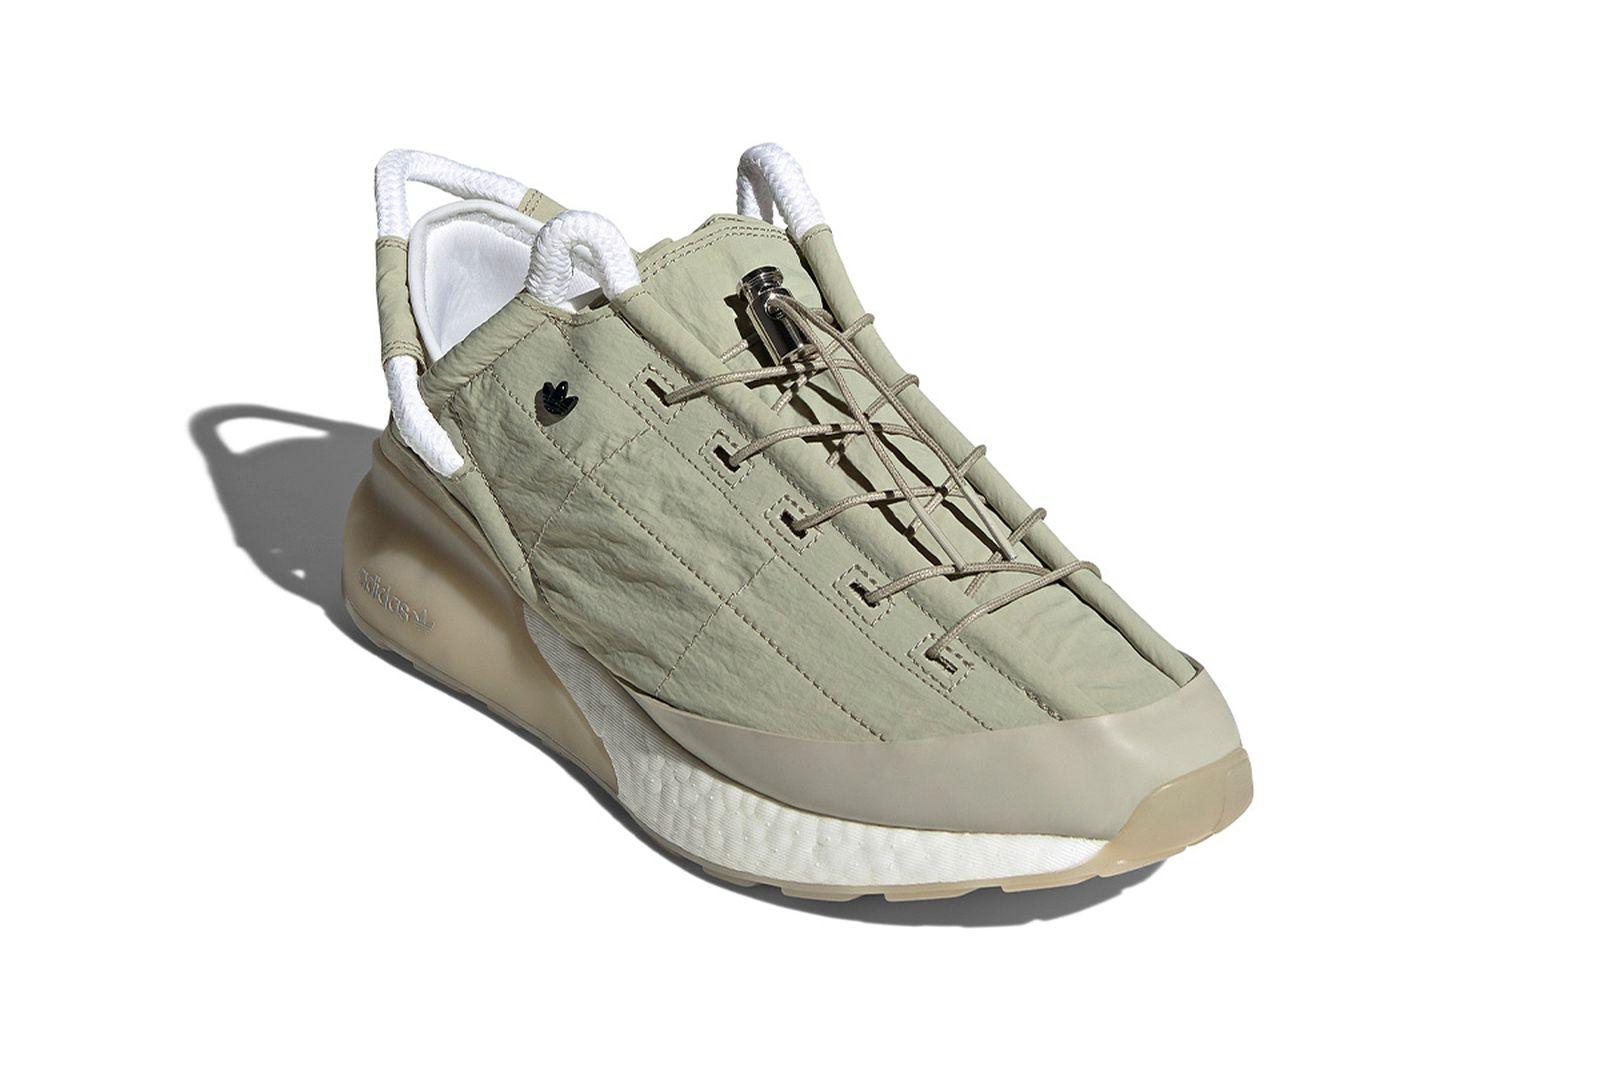 craig-green-adidas-zx-2k-phormar-release-date-price-010